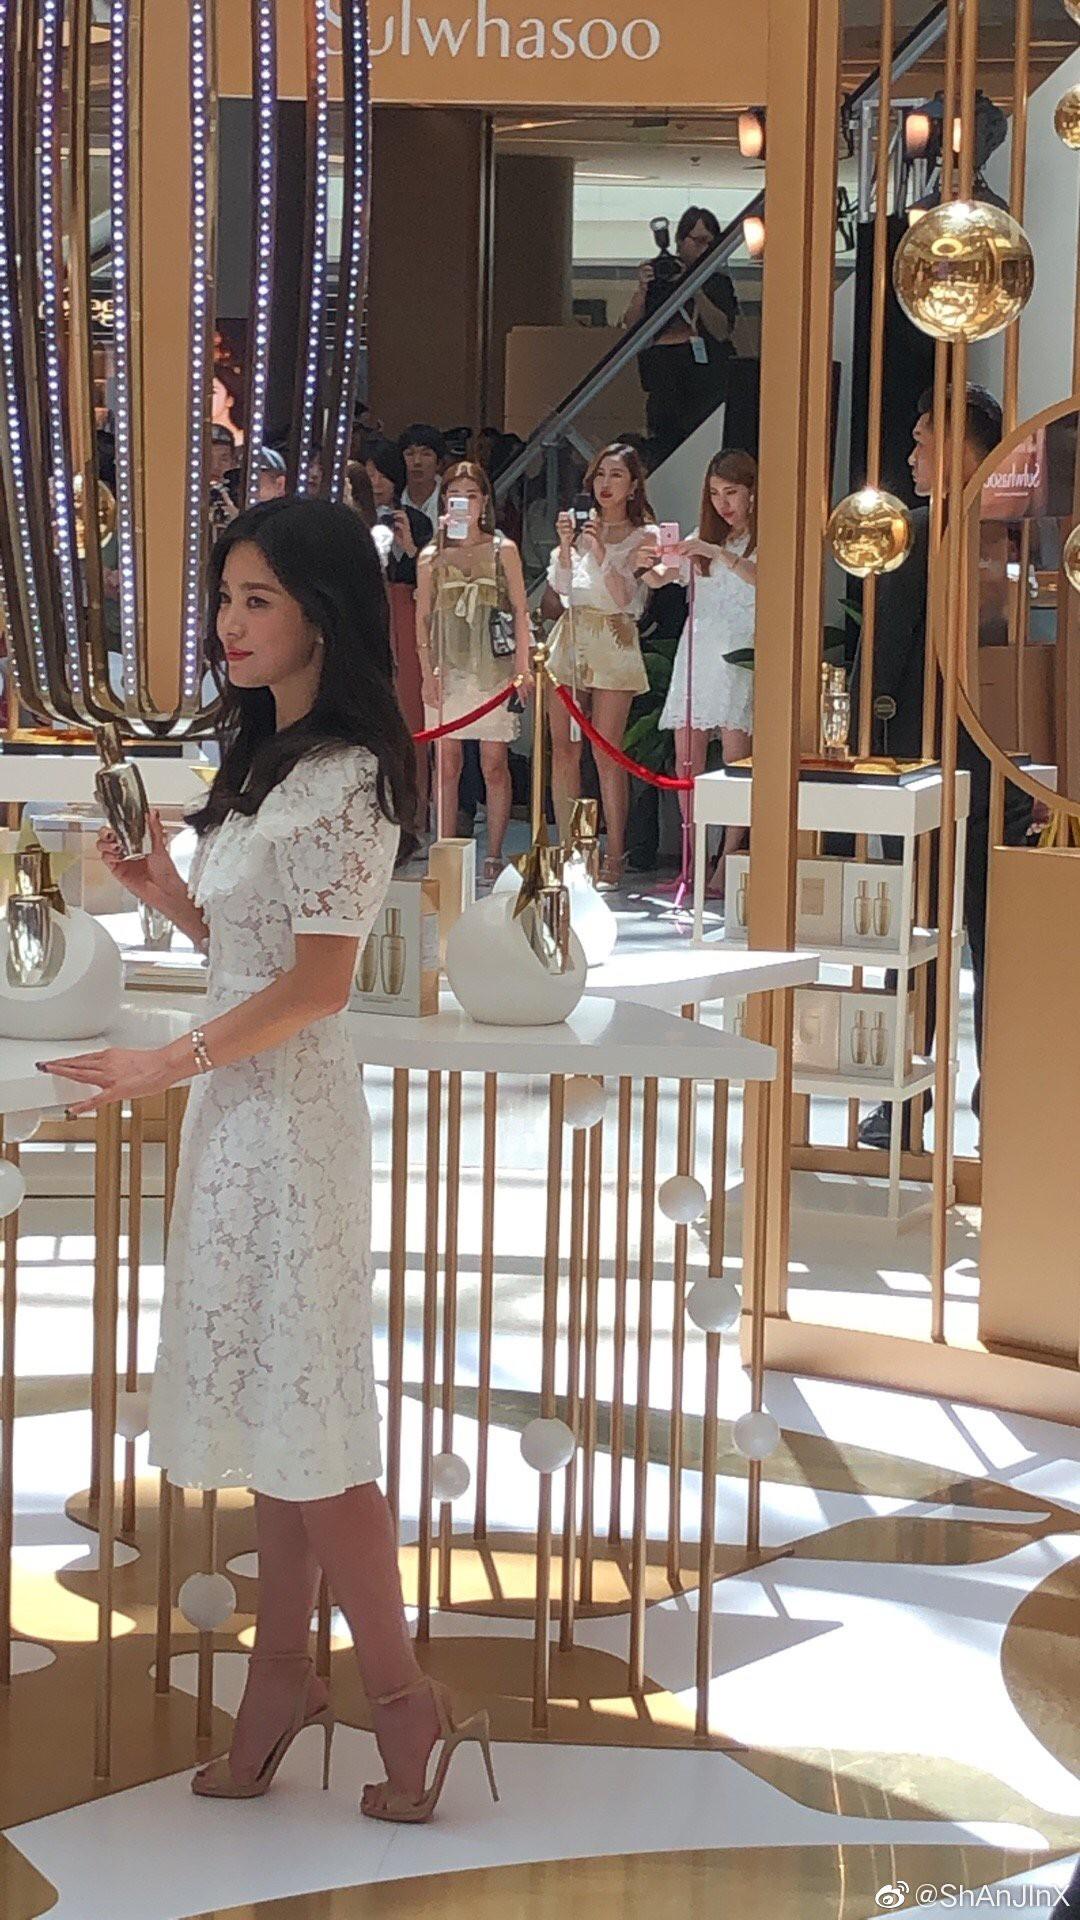 HOT: Song Hye Kyo lần đầu lộ diện sau vụ ly hôn ngàn tỷ, nhan sắc cực phẩm nhưng lại tiều tụy đến xót xa - Ảnh 17.